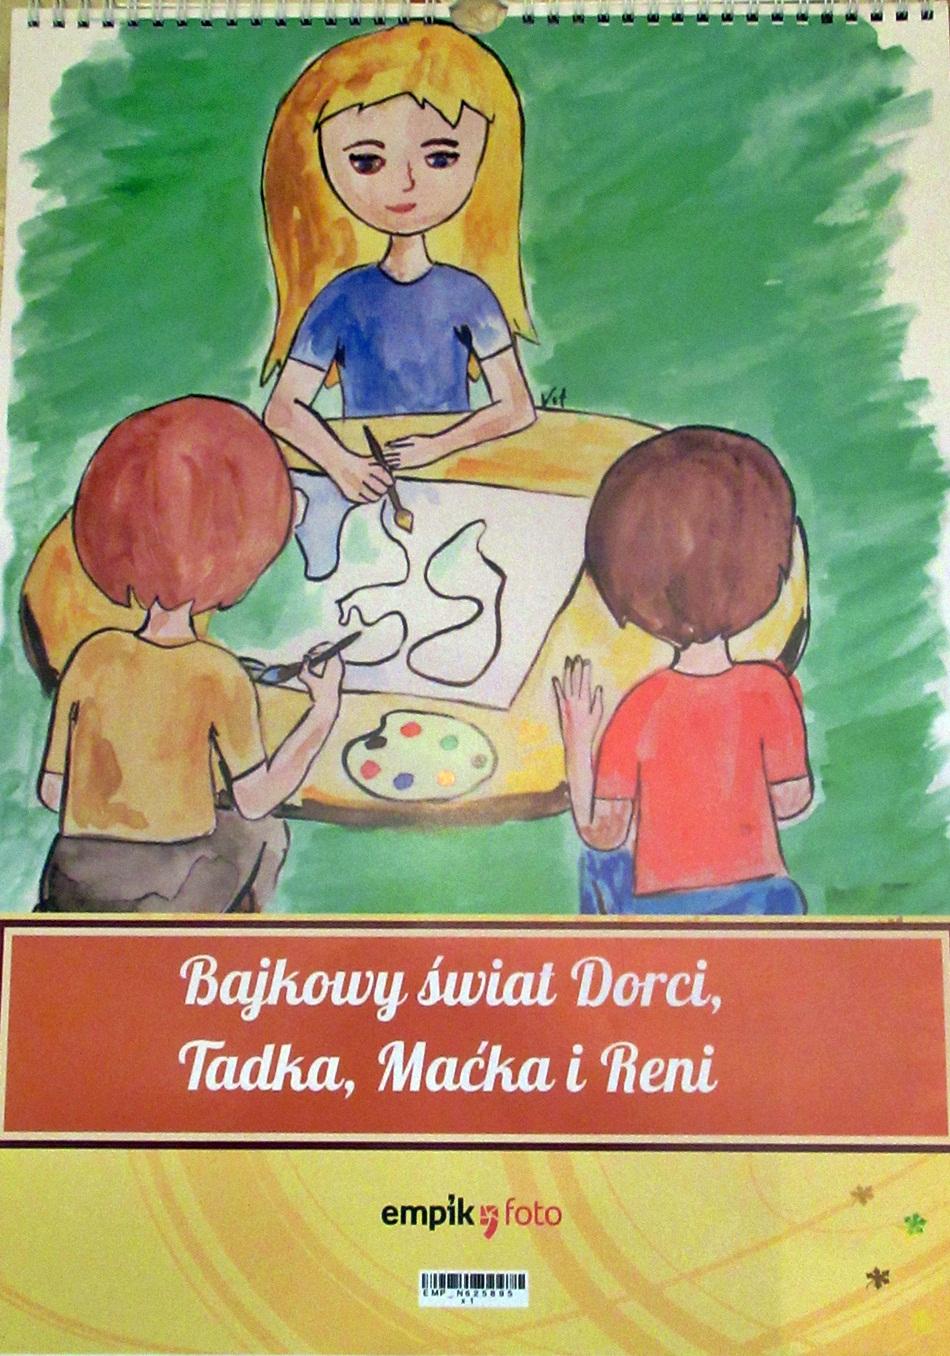 Poznaj-bajkowy-swiat-Dorci-Tadka-Macka-i-Reni